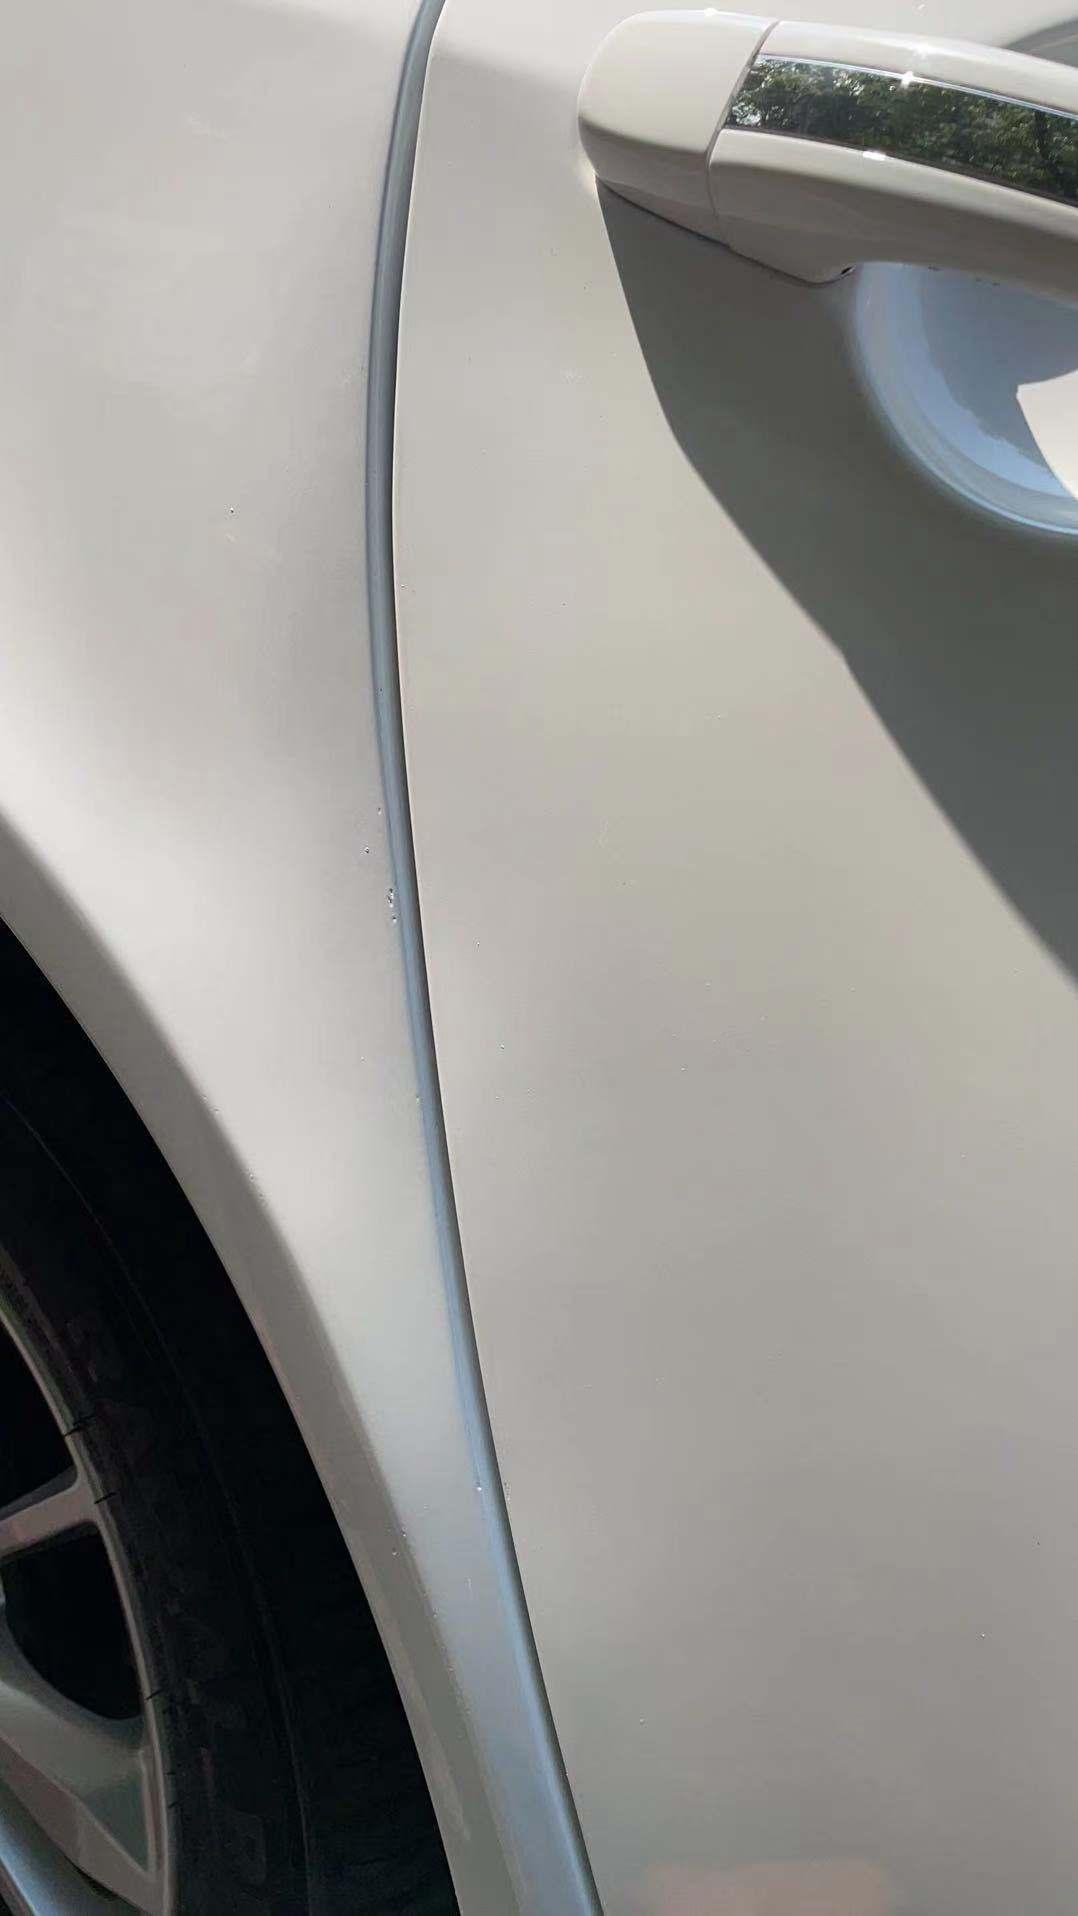 吉利汽车-远景车辆二次维修后要求经济补偿